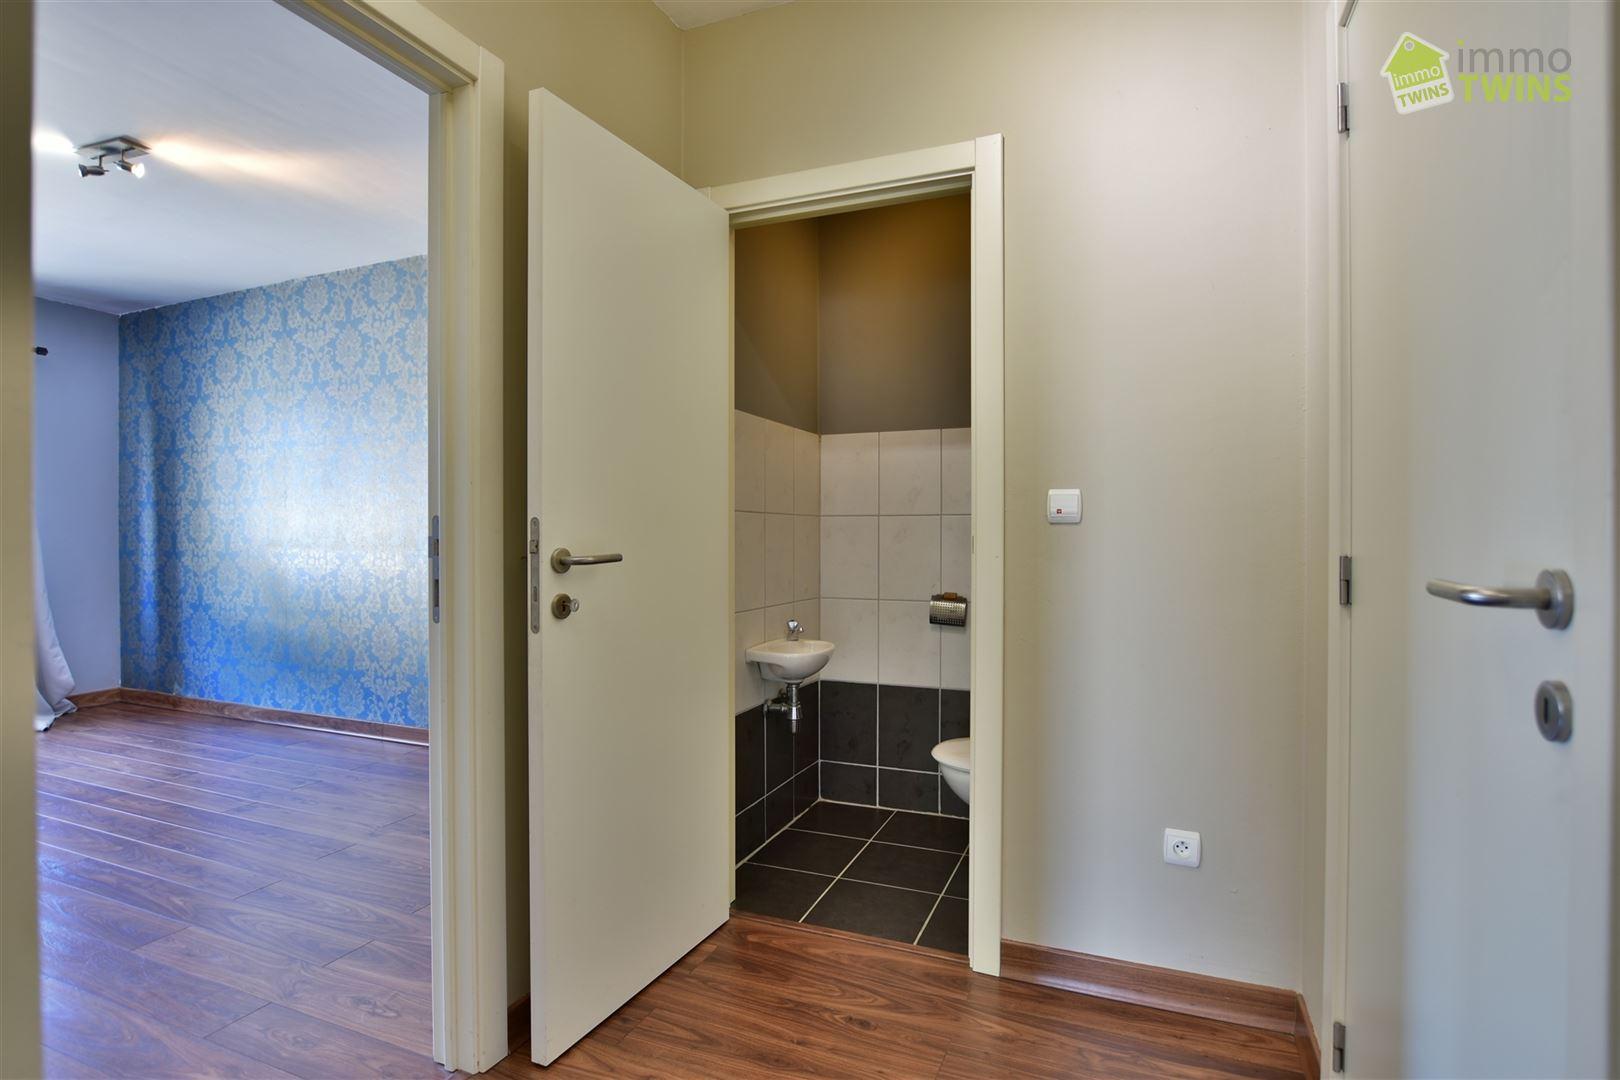 Foto 17 : Appartement te 9200 Sint-Gillis-bij-Dendermonde (België) - Prijs € 219.000